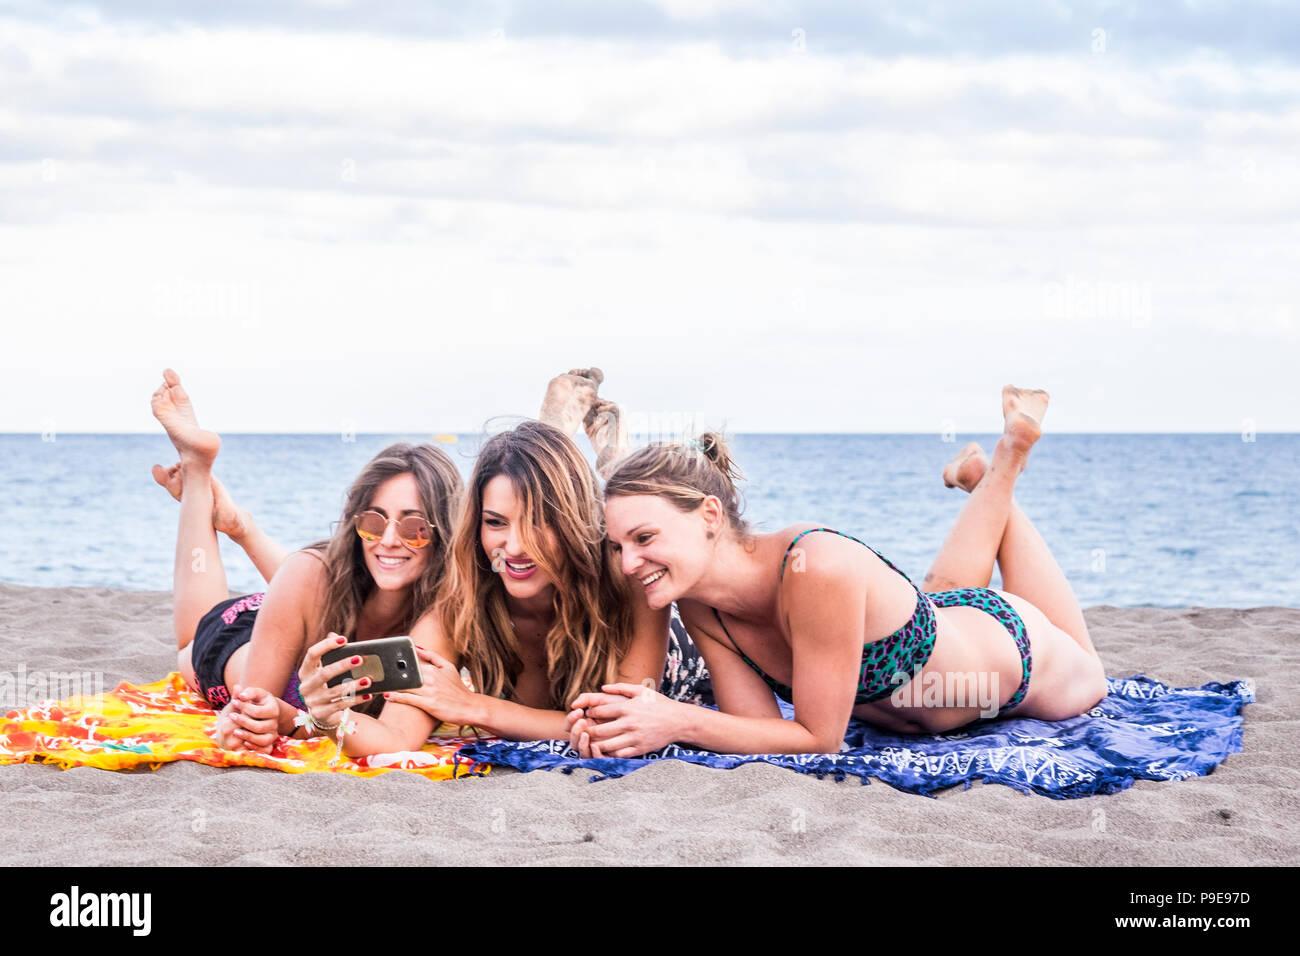 Gruppo di tre belle ragazze in amicizia soggiorno stabiliscono rilassati in spiaggia a parlare e utilizzare lo smartphone per condividere il suo stile di vita estiva con ven Immagini Stock